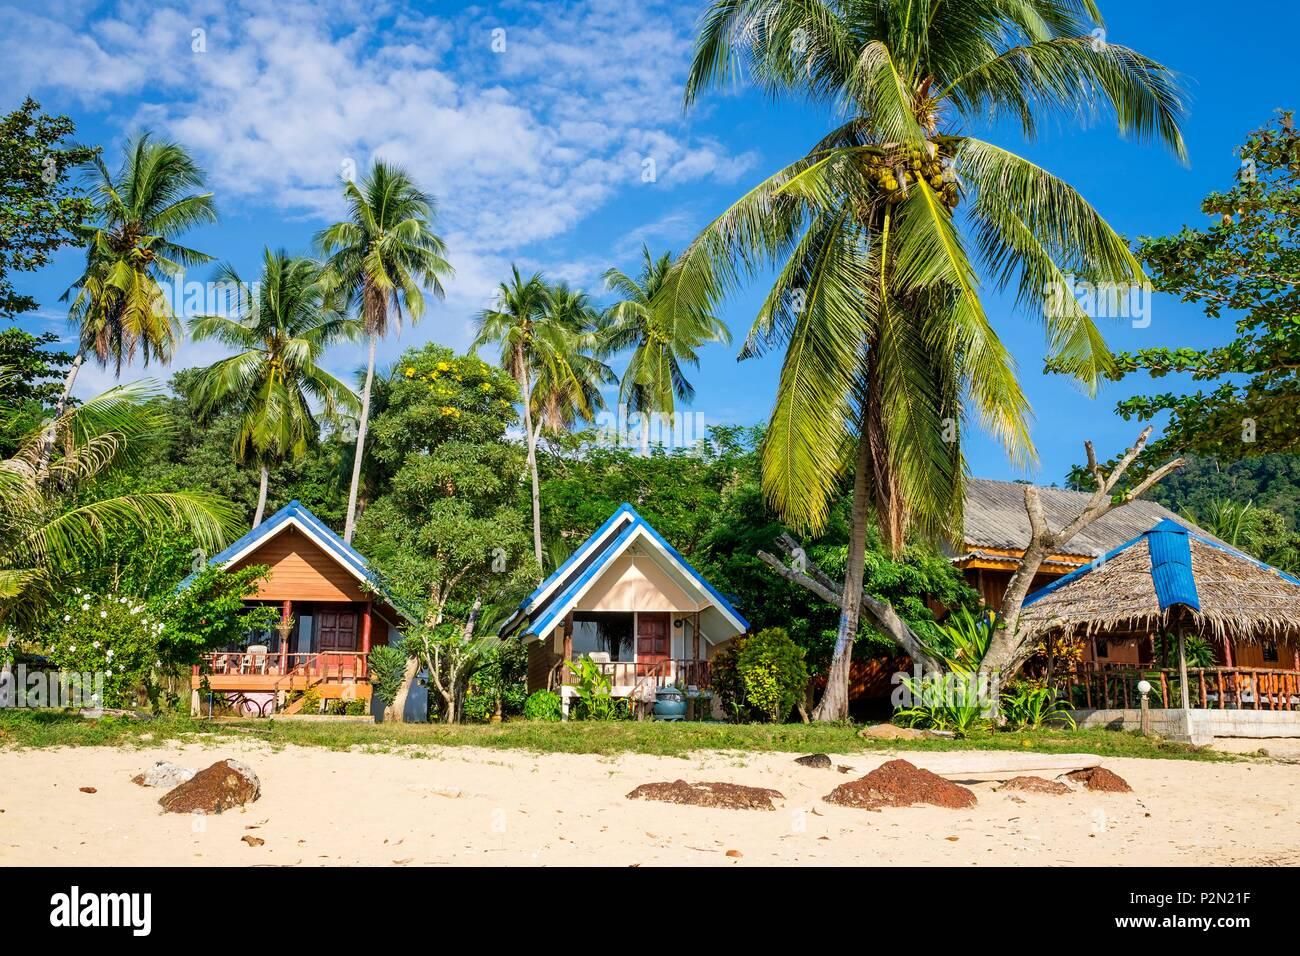 Thailand Trang Province Ko Libong Island Bungalows Of